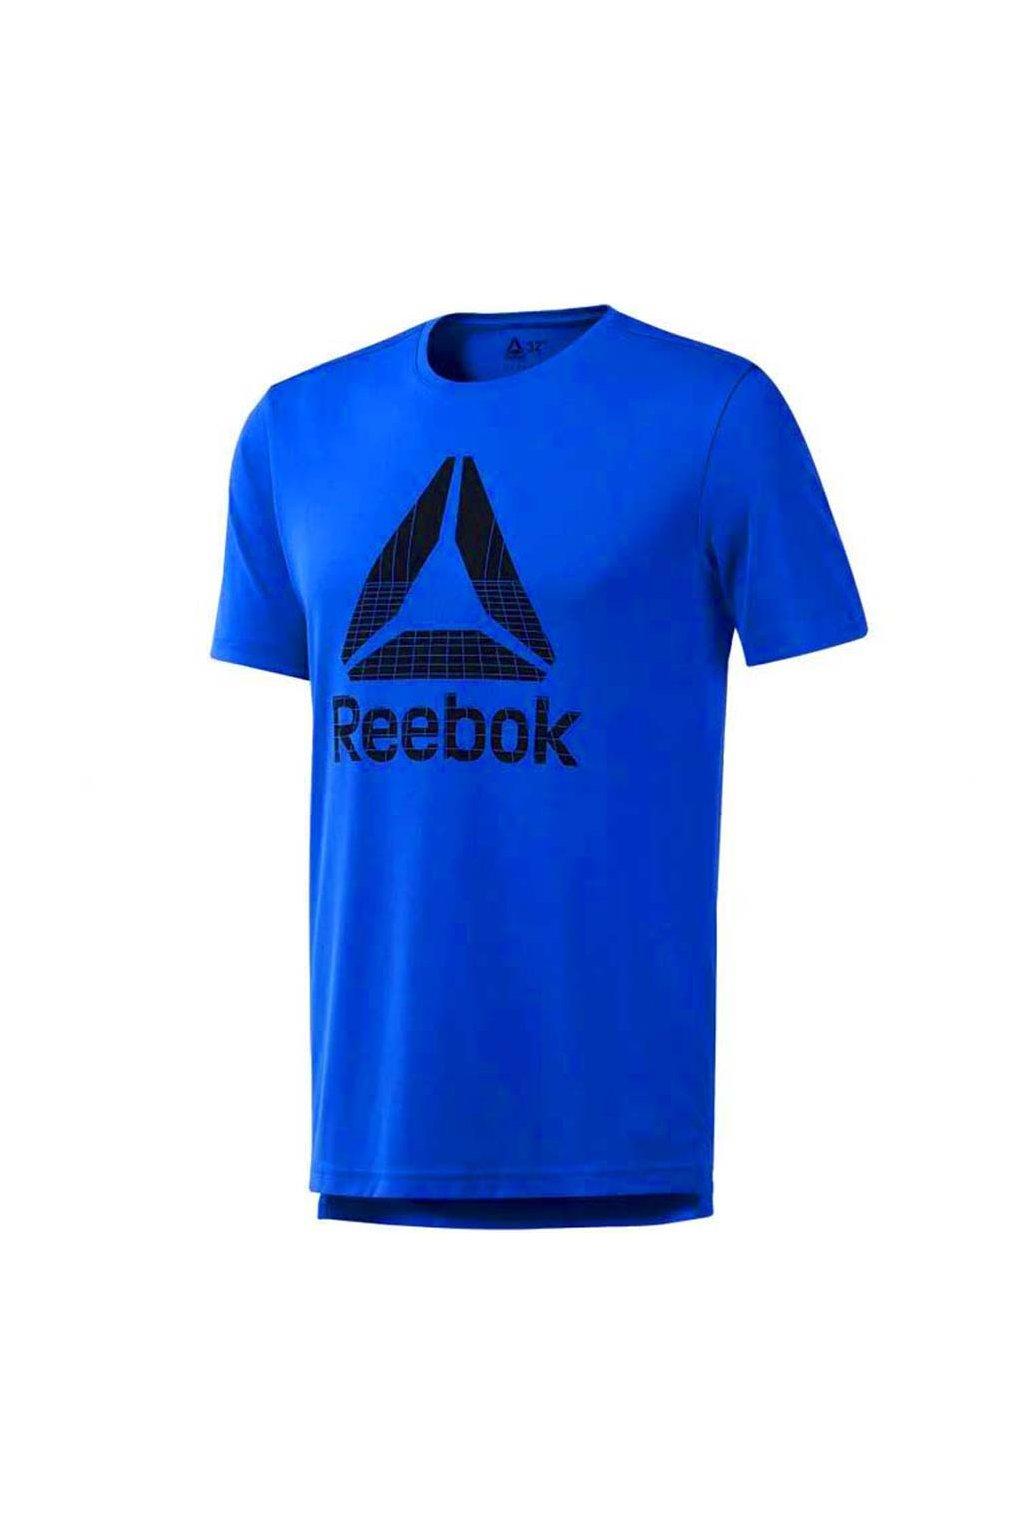 Pánske tričko Reebok Workout Graphic Tech Tee modré DU2177